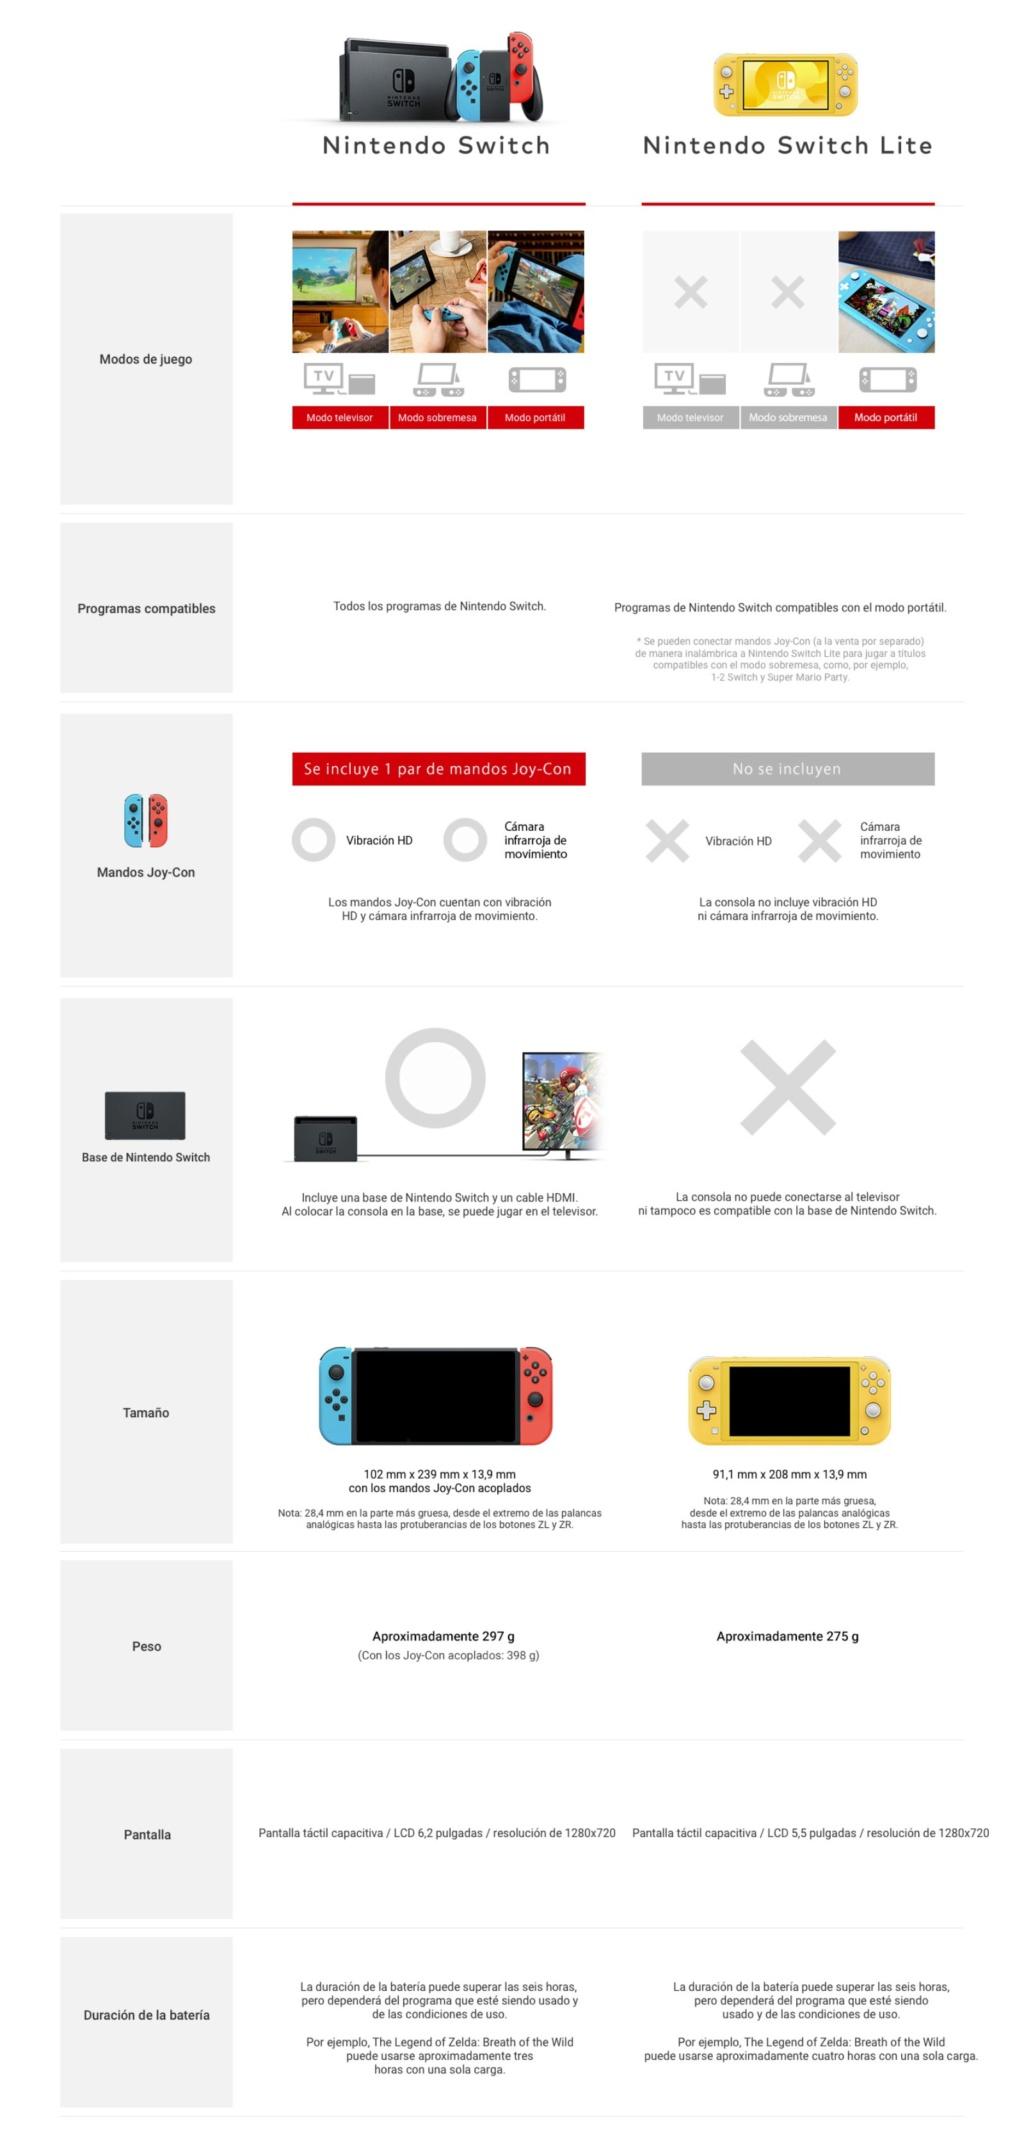 [Post Oficioso] Nintendo Switch -- Hago Switch y aparezco a tu lado  - Página 3 Ci_nin10